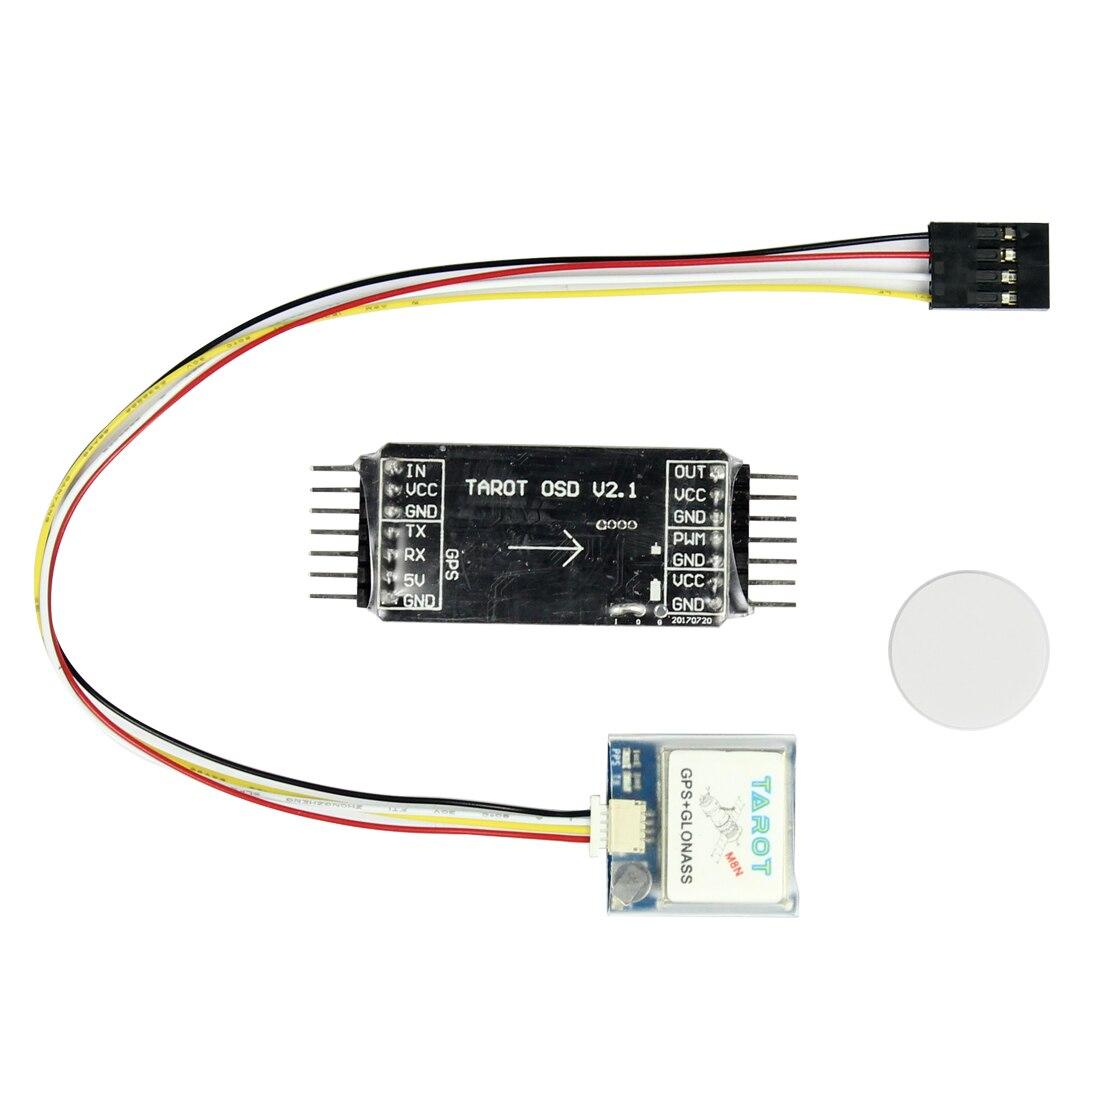 Tarot TL300L2 Mini OSD Sobreposição de Imagens/Sistema de GPS Para FPV Zangão Multirotor Quadcopter Aircraft